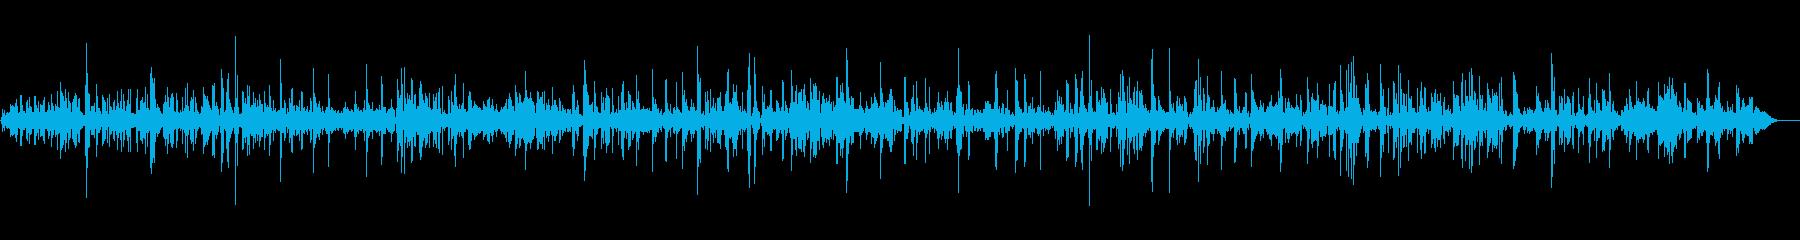 ジャズ&ボサノバ!お洒落カフェBGMの再生済みの波形